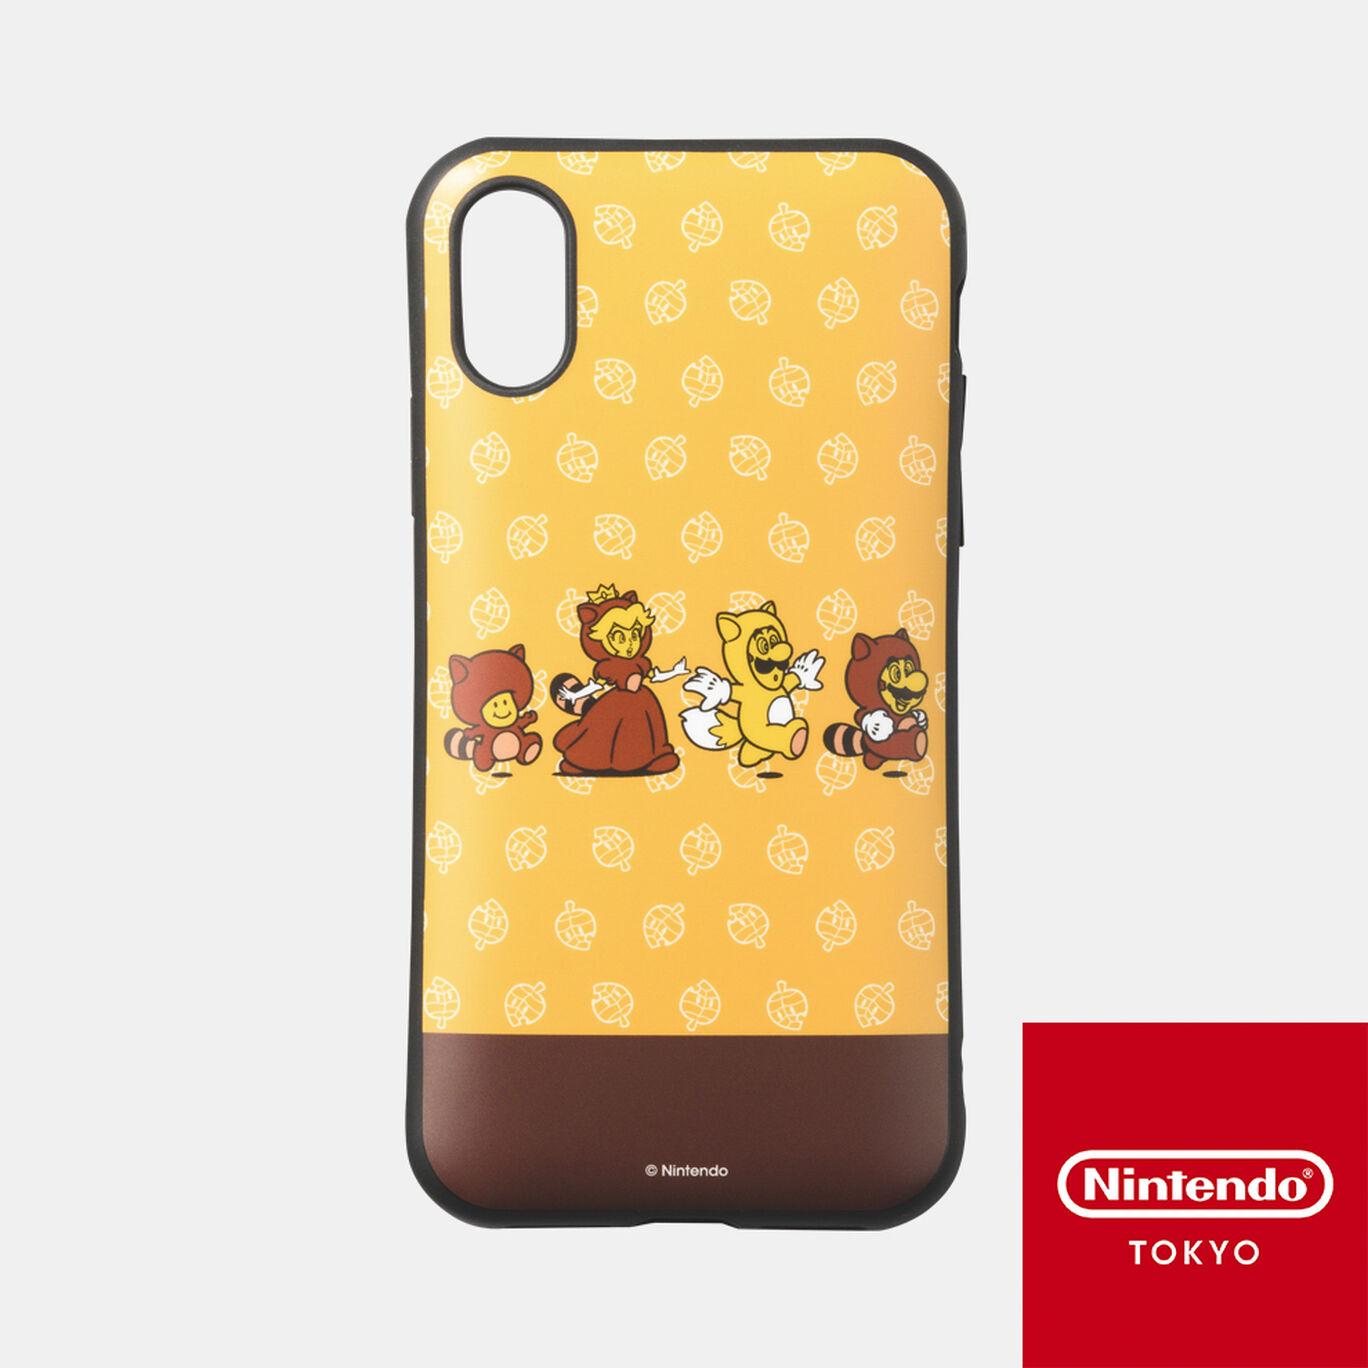 スマホケース スーパーマリオ パワーアップ C iPhone XS/X 対応【Nintendo TOKYO取り扱い商品】